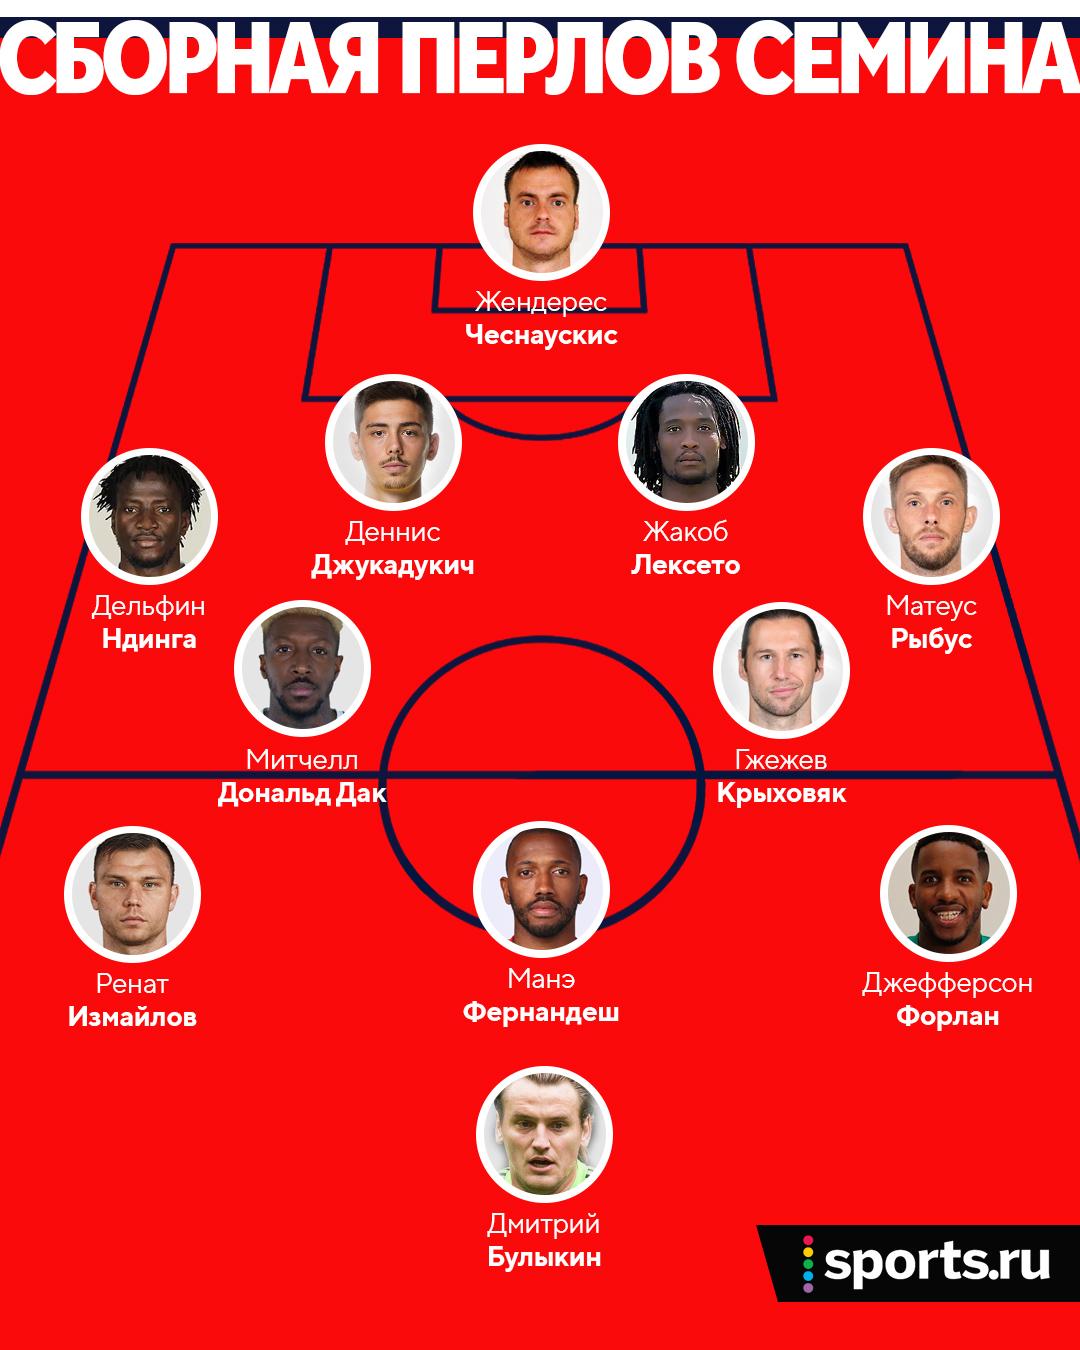 Защитник «Ростова» Хаджикадунич стал у Семина Джукадукичем – клуб уже вручил футболку с новой фамилией